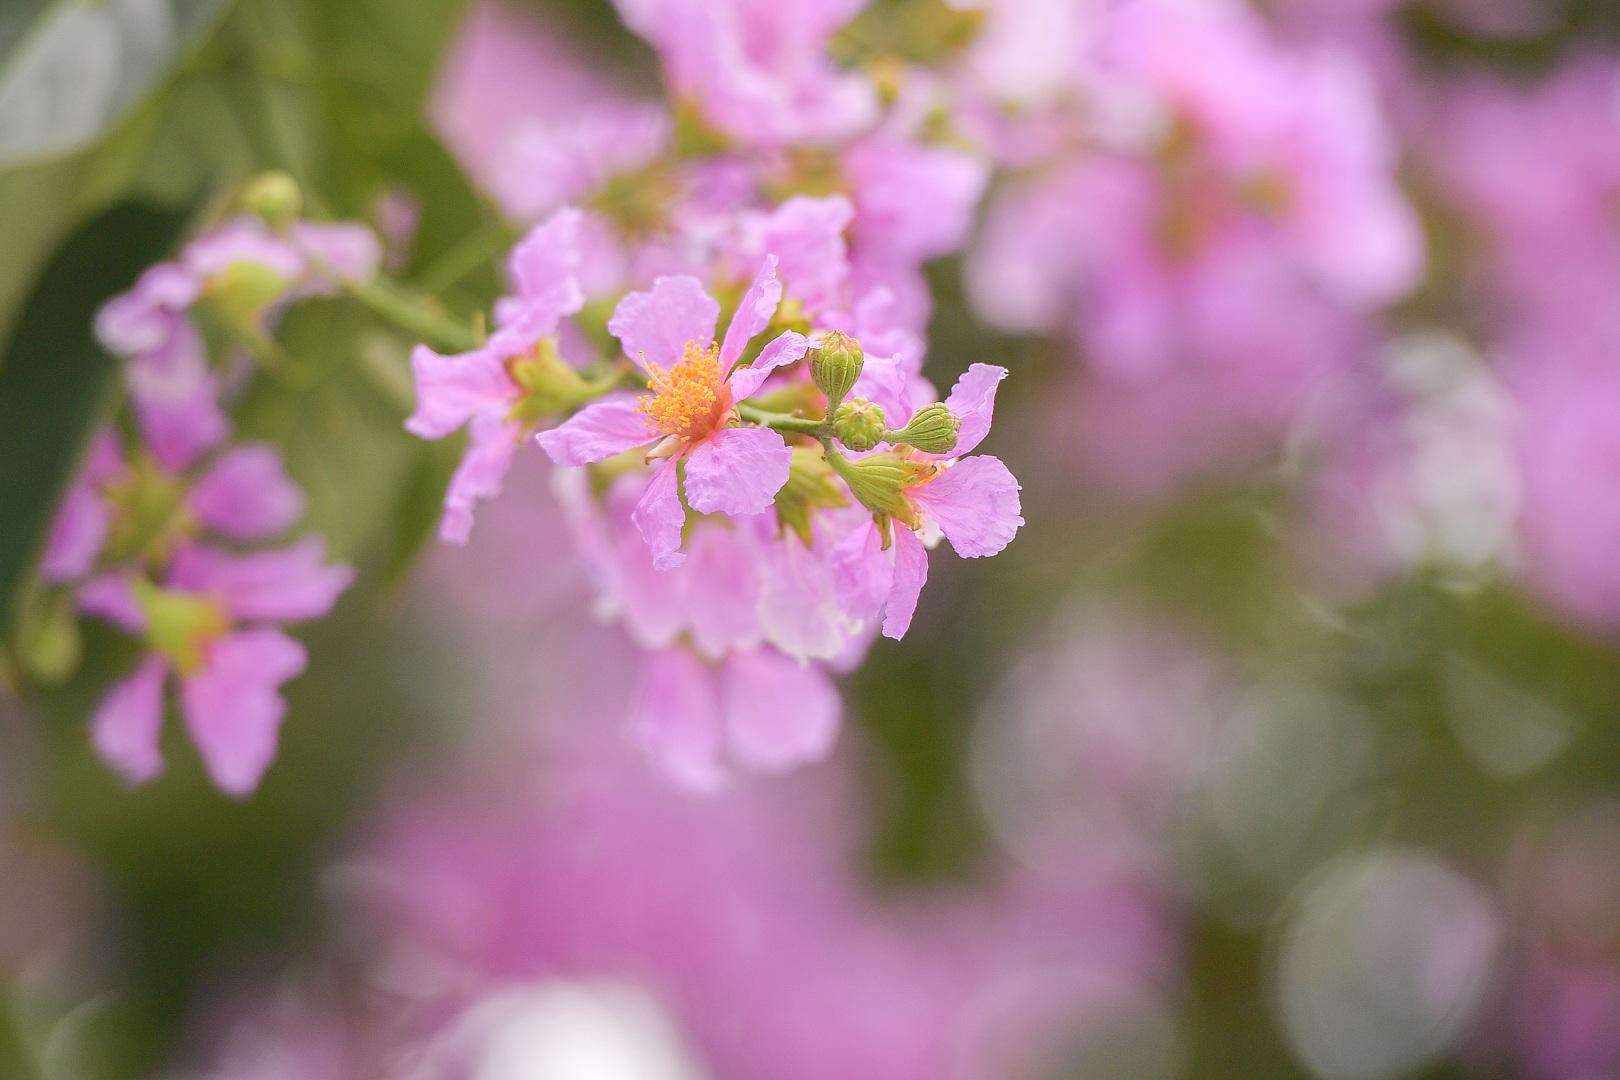 Hoa bằng lăng mộng mơ nhuộm tím đường phố Hà Nội - 9